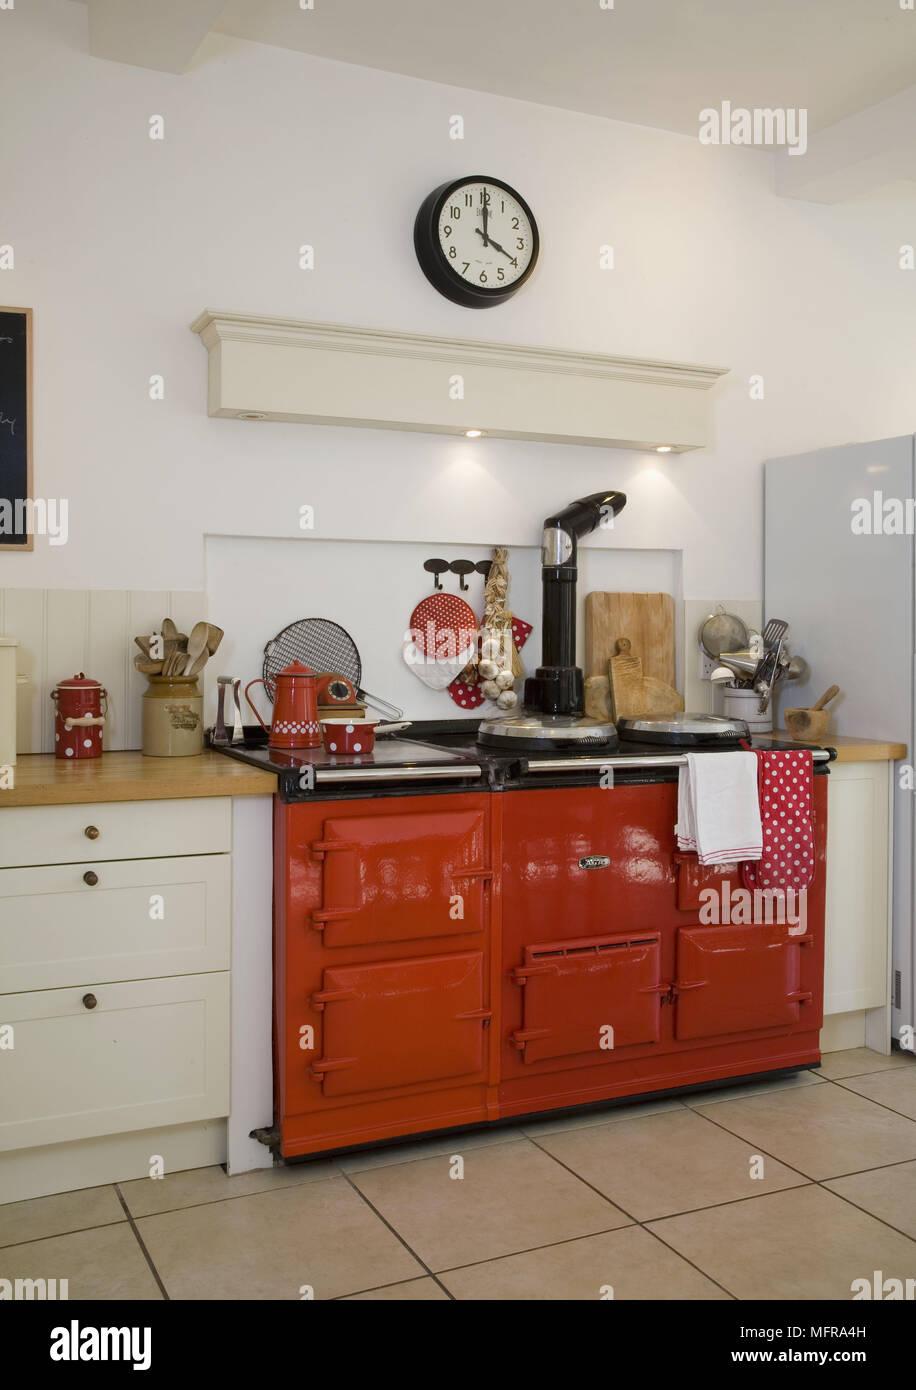 Fantástico Cocina Baldosa Pintar Reino Unido Inspiración - Ideas de ...